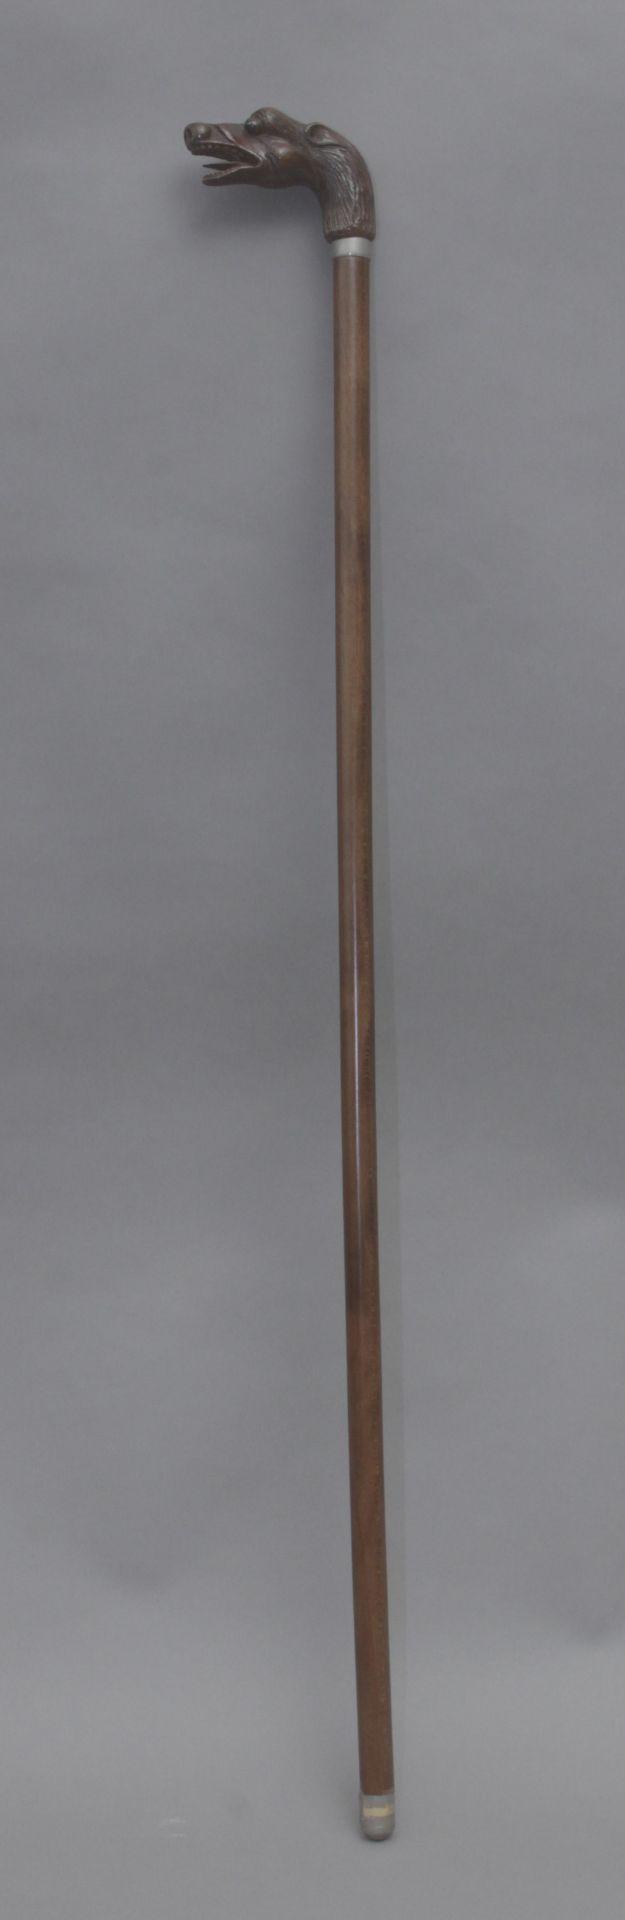 A 20th century walking stick - Bild 3 aus 5